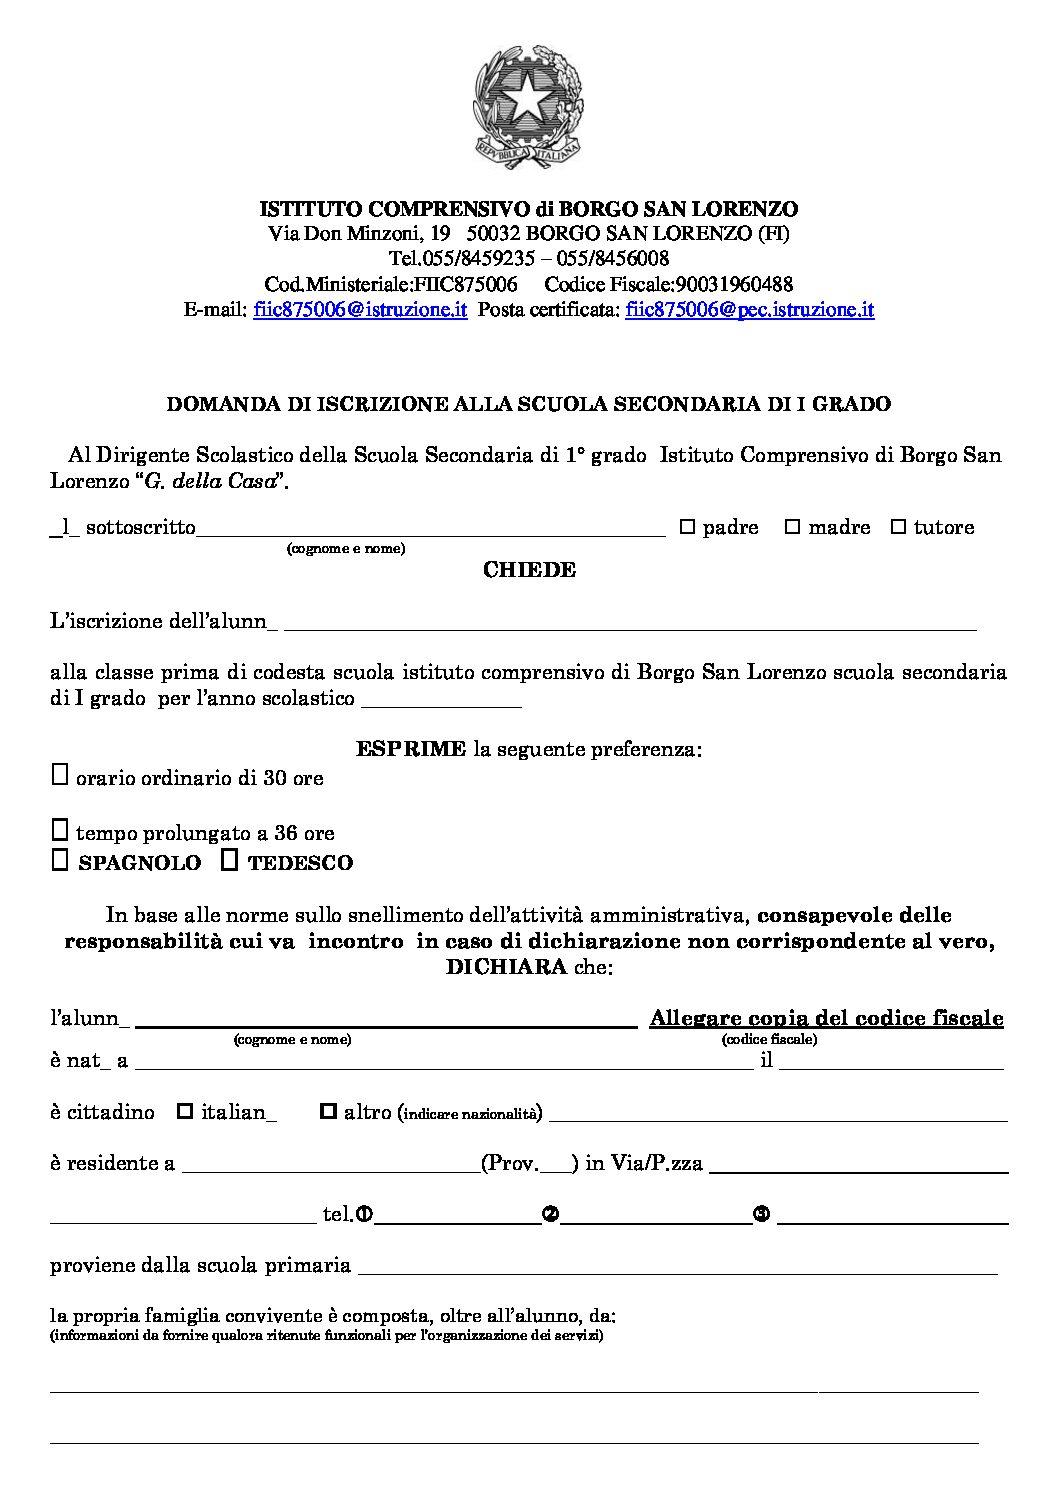 MODULO CARTACEO ISCRIZIONE SCUOLA SECONDARIA DI PRIMO GRADO A.S. 20/21 – Atto di Informazione e Consenso Famiglie